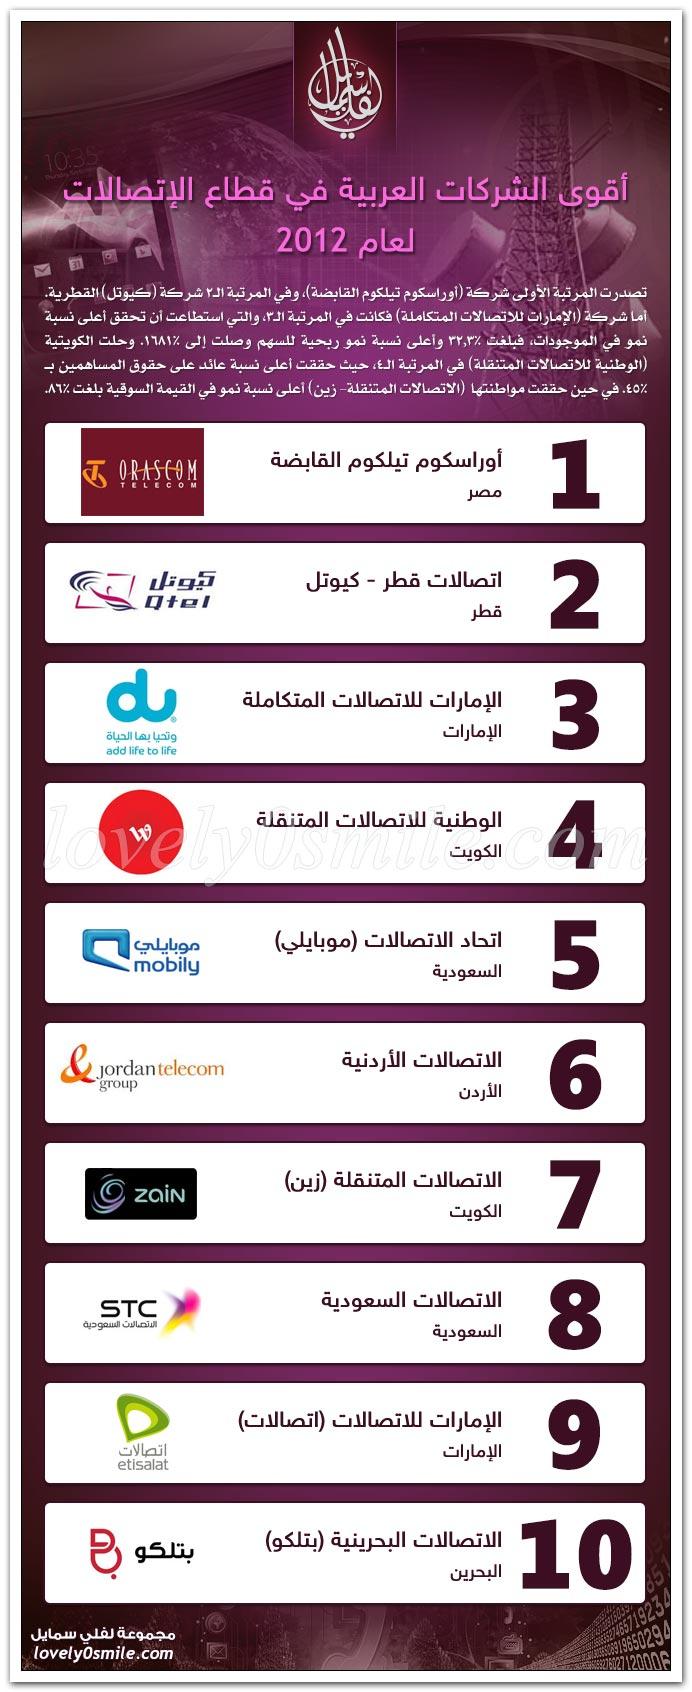 أقوى الشركات العربية في قطاع الاتصالات لعام 2012